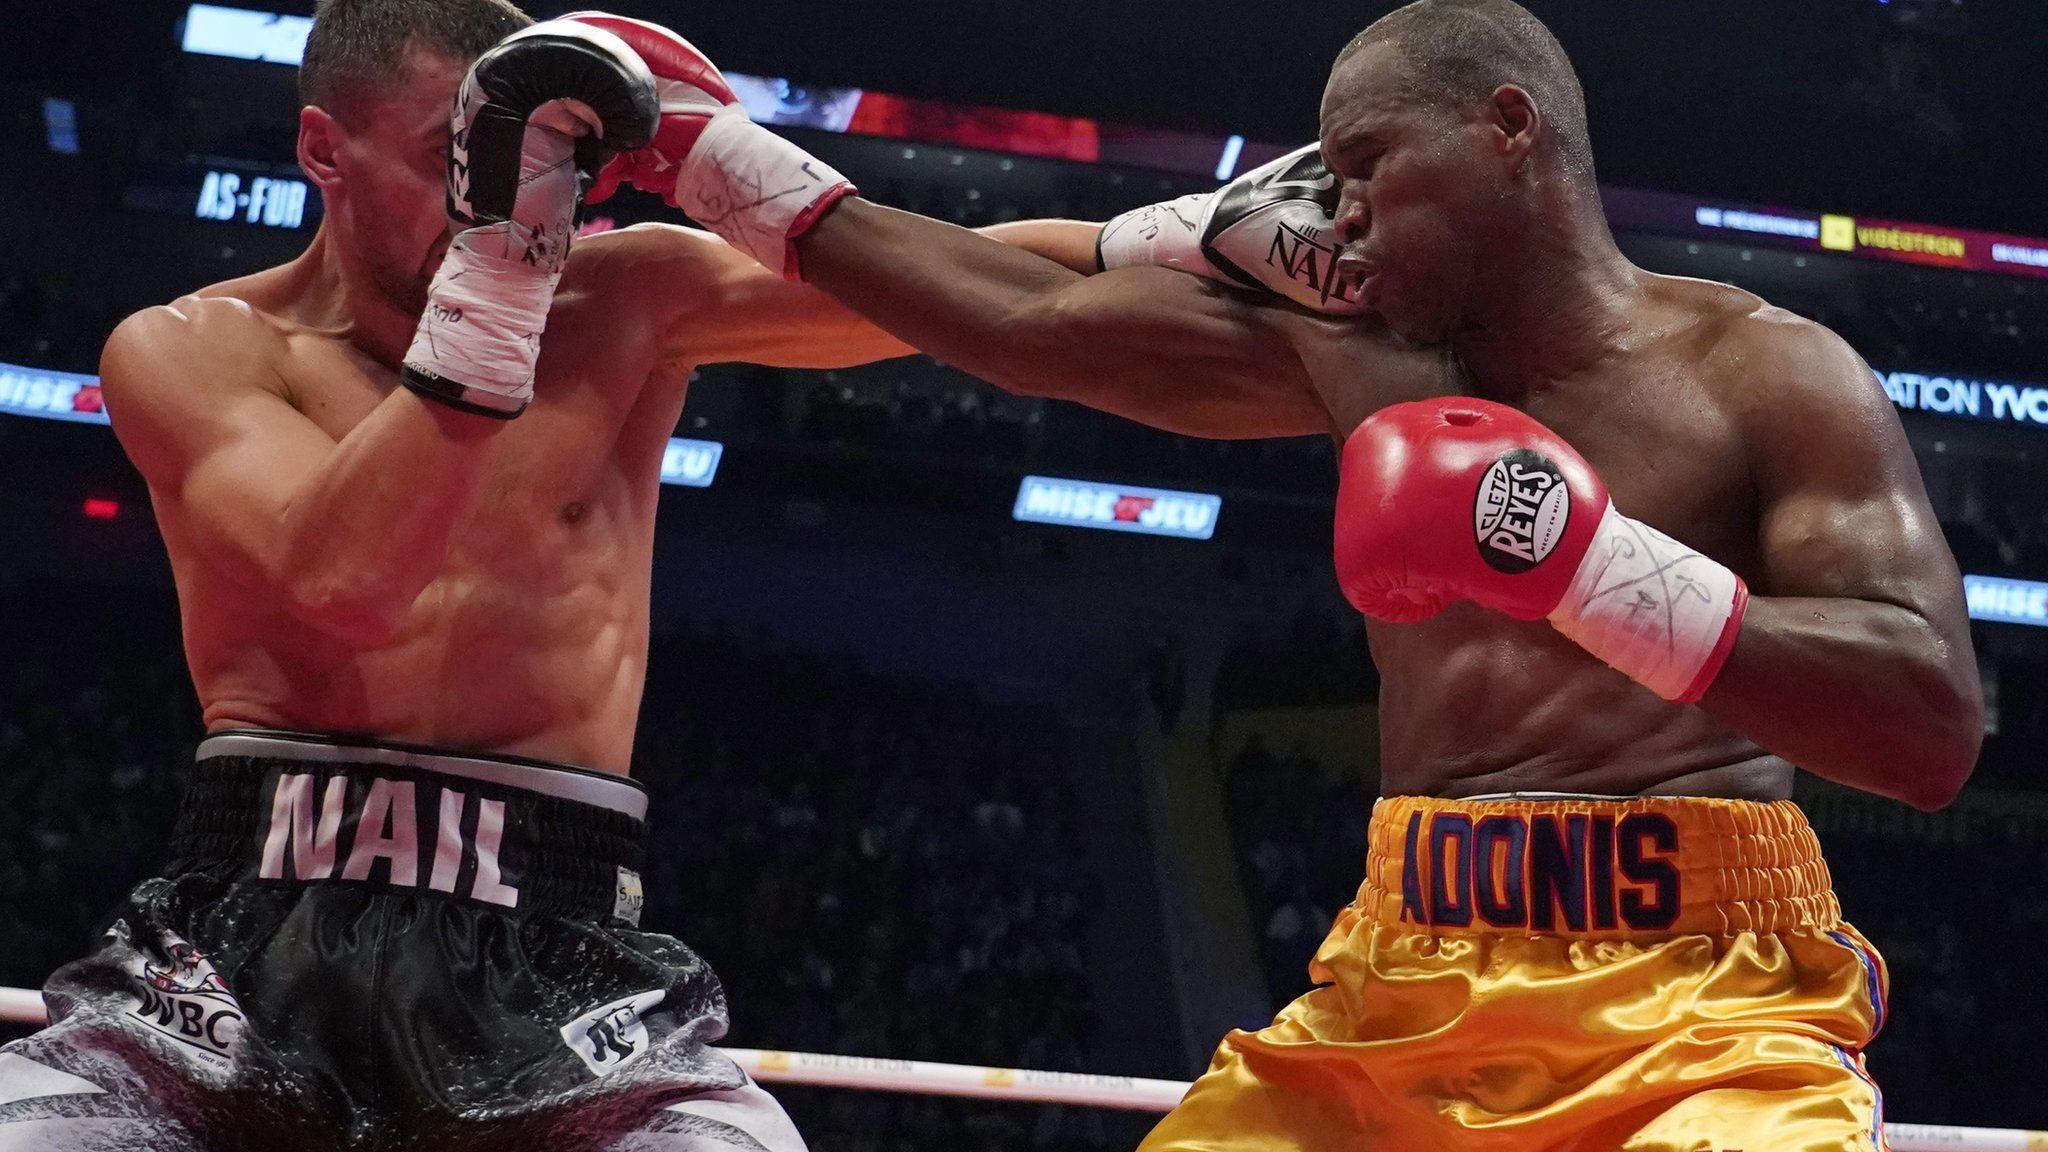 Boxer Awake And Healing After Injury Injury Brain Injury Traumatic Brain Injury